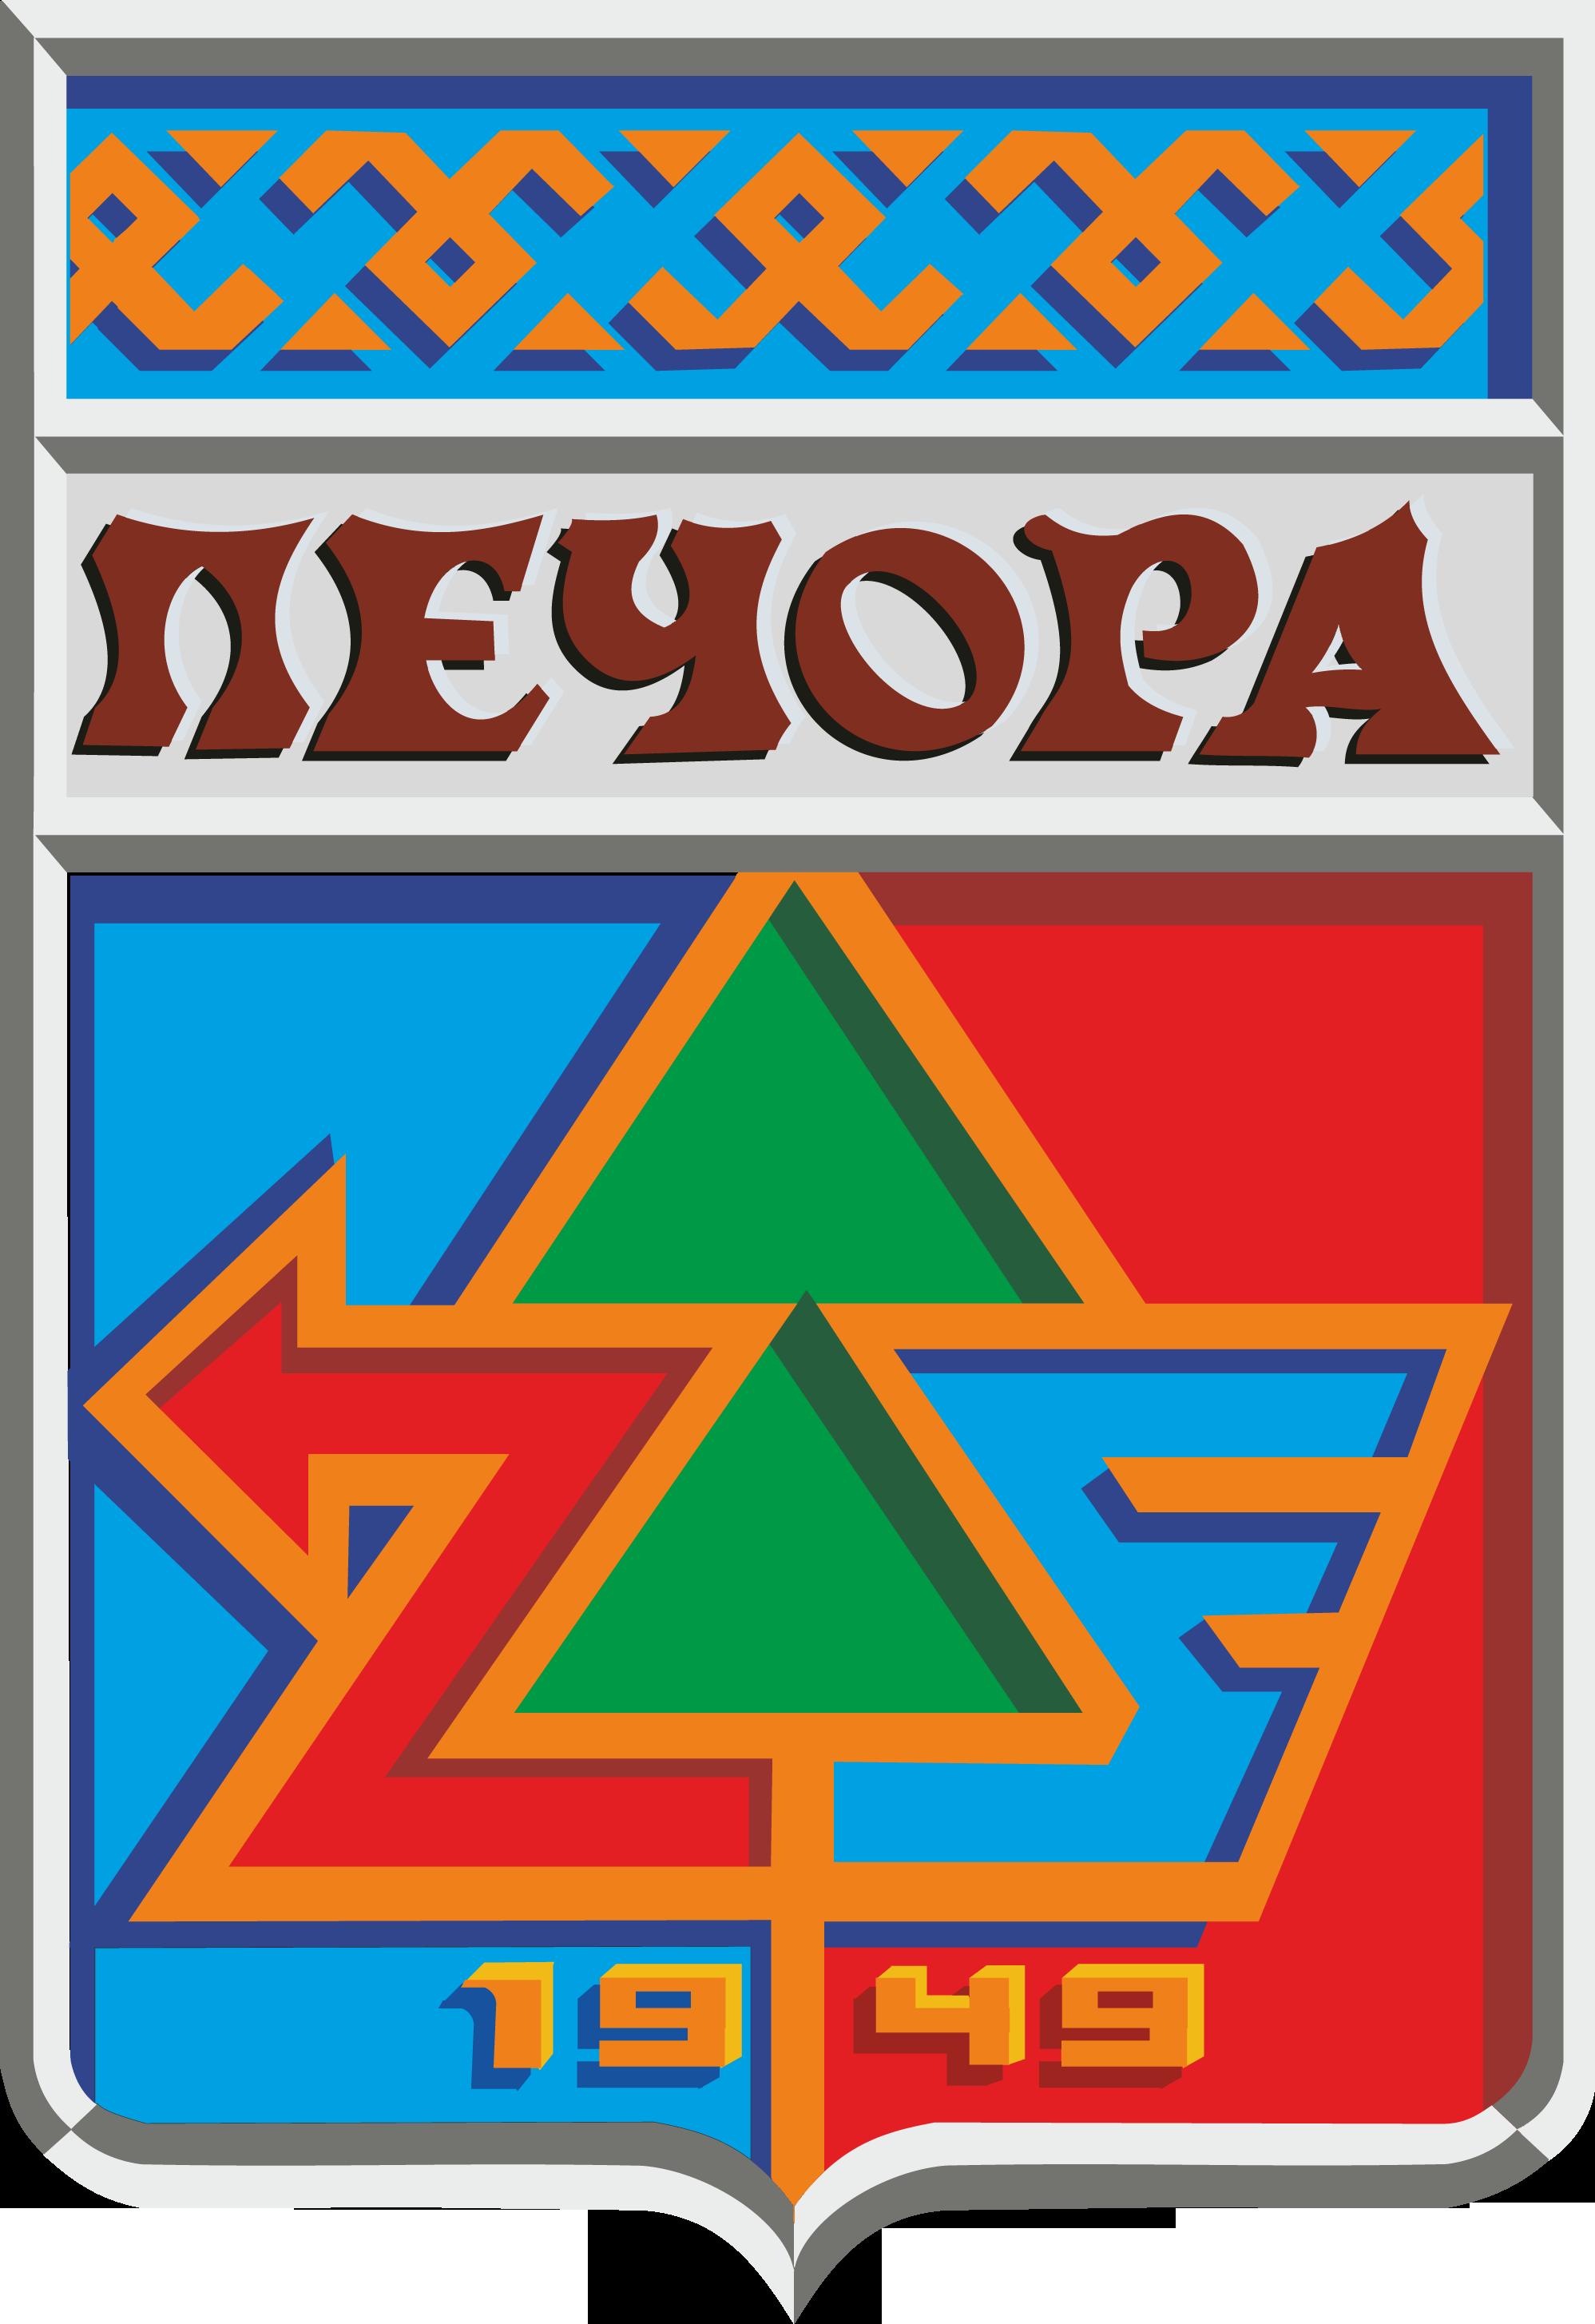 герб города Печора